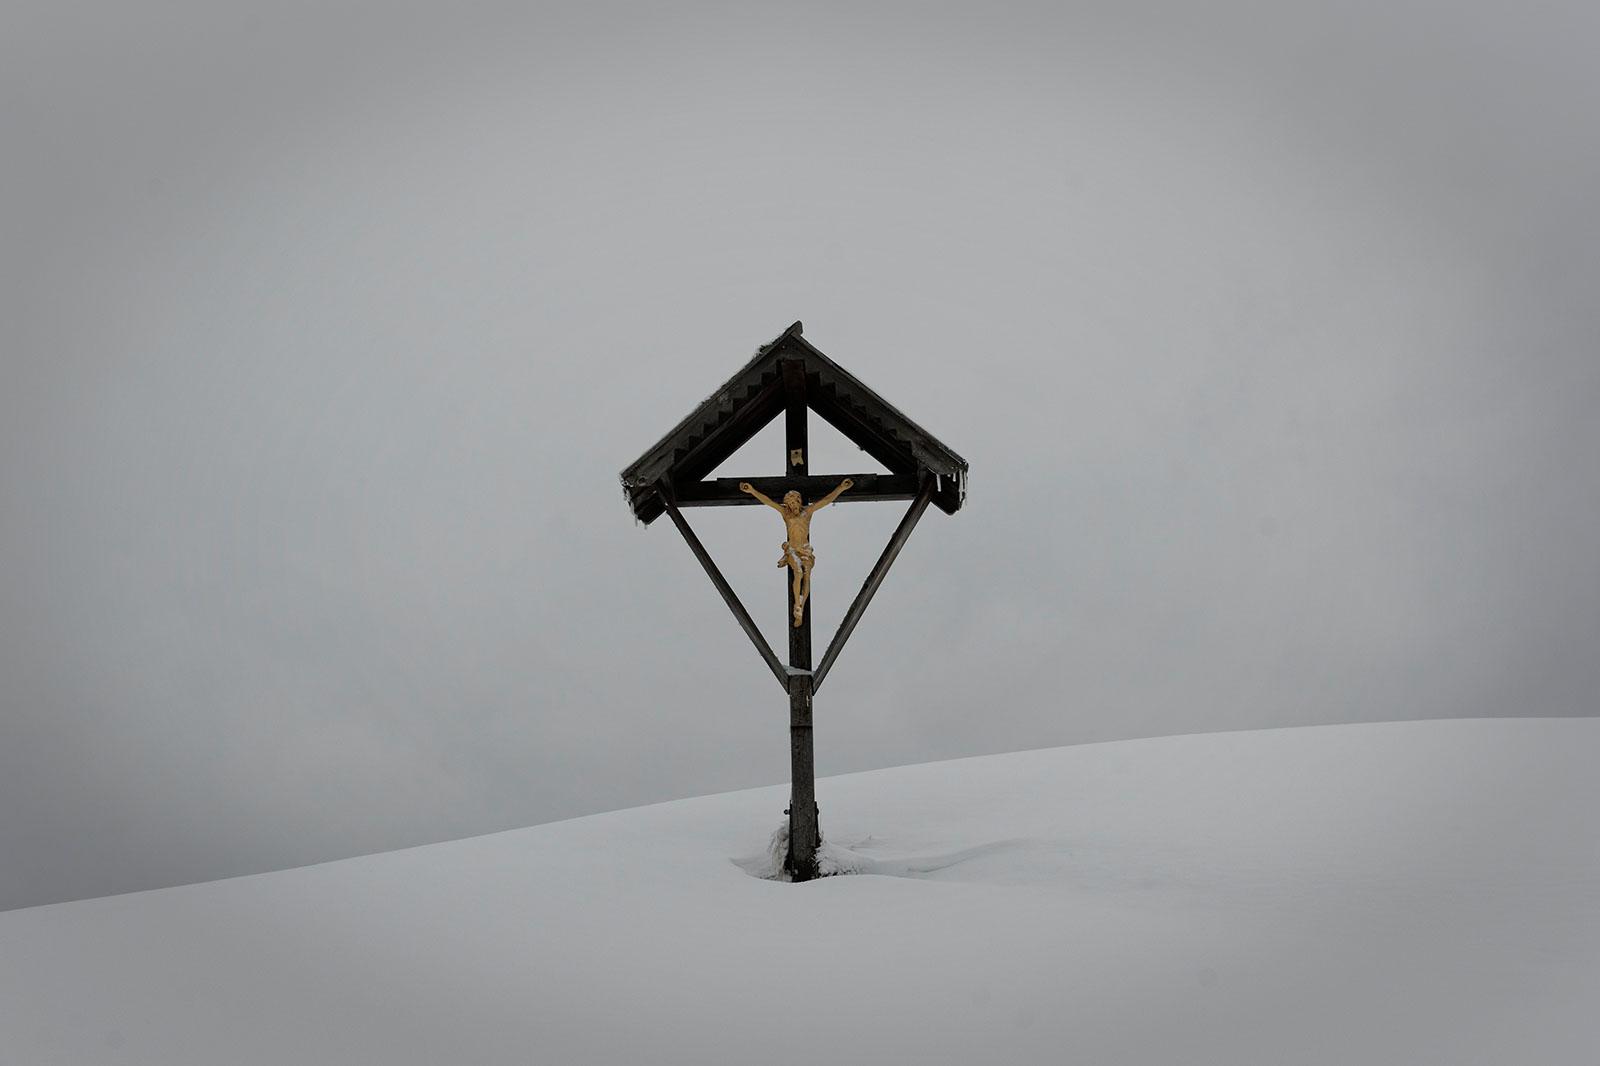 Sneeuwschoenen, Stubaital, maart 2012